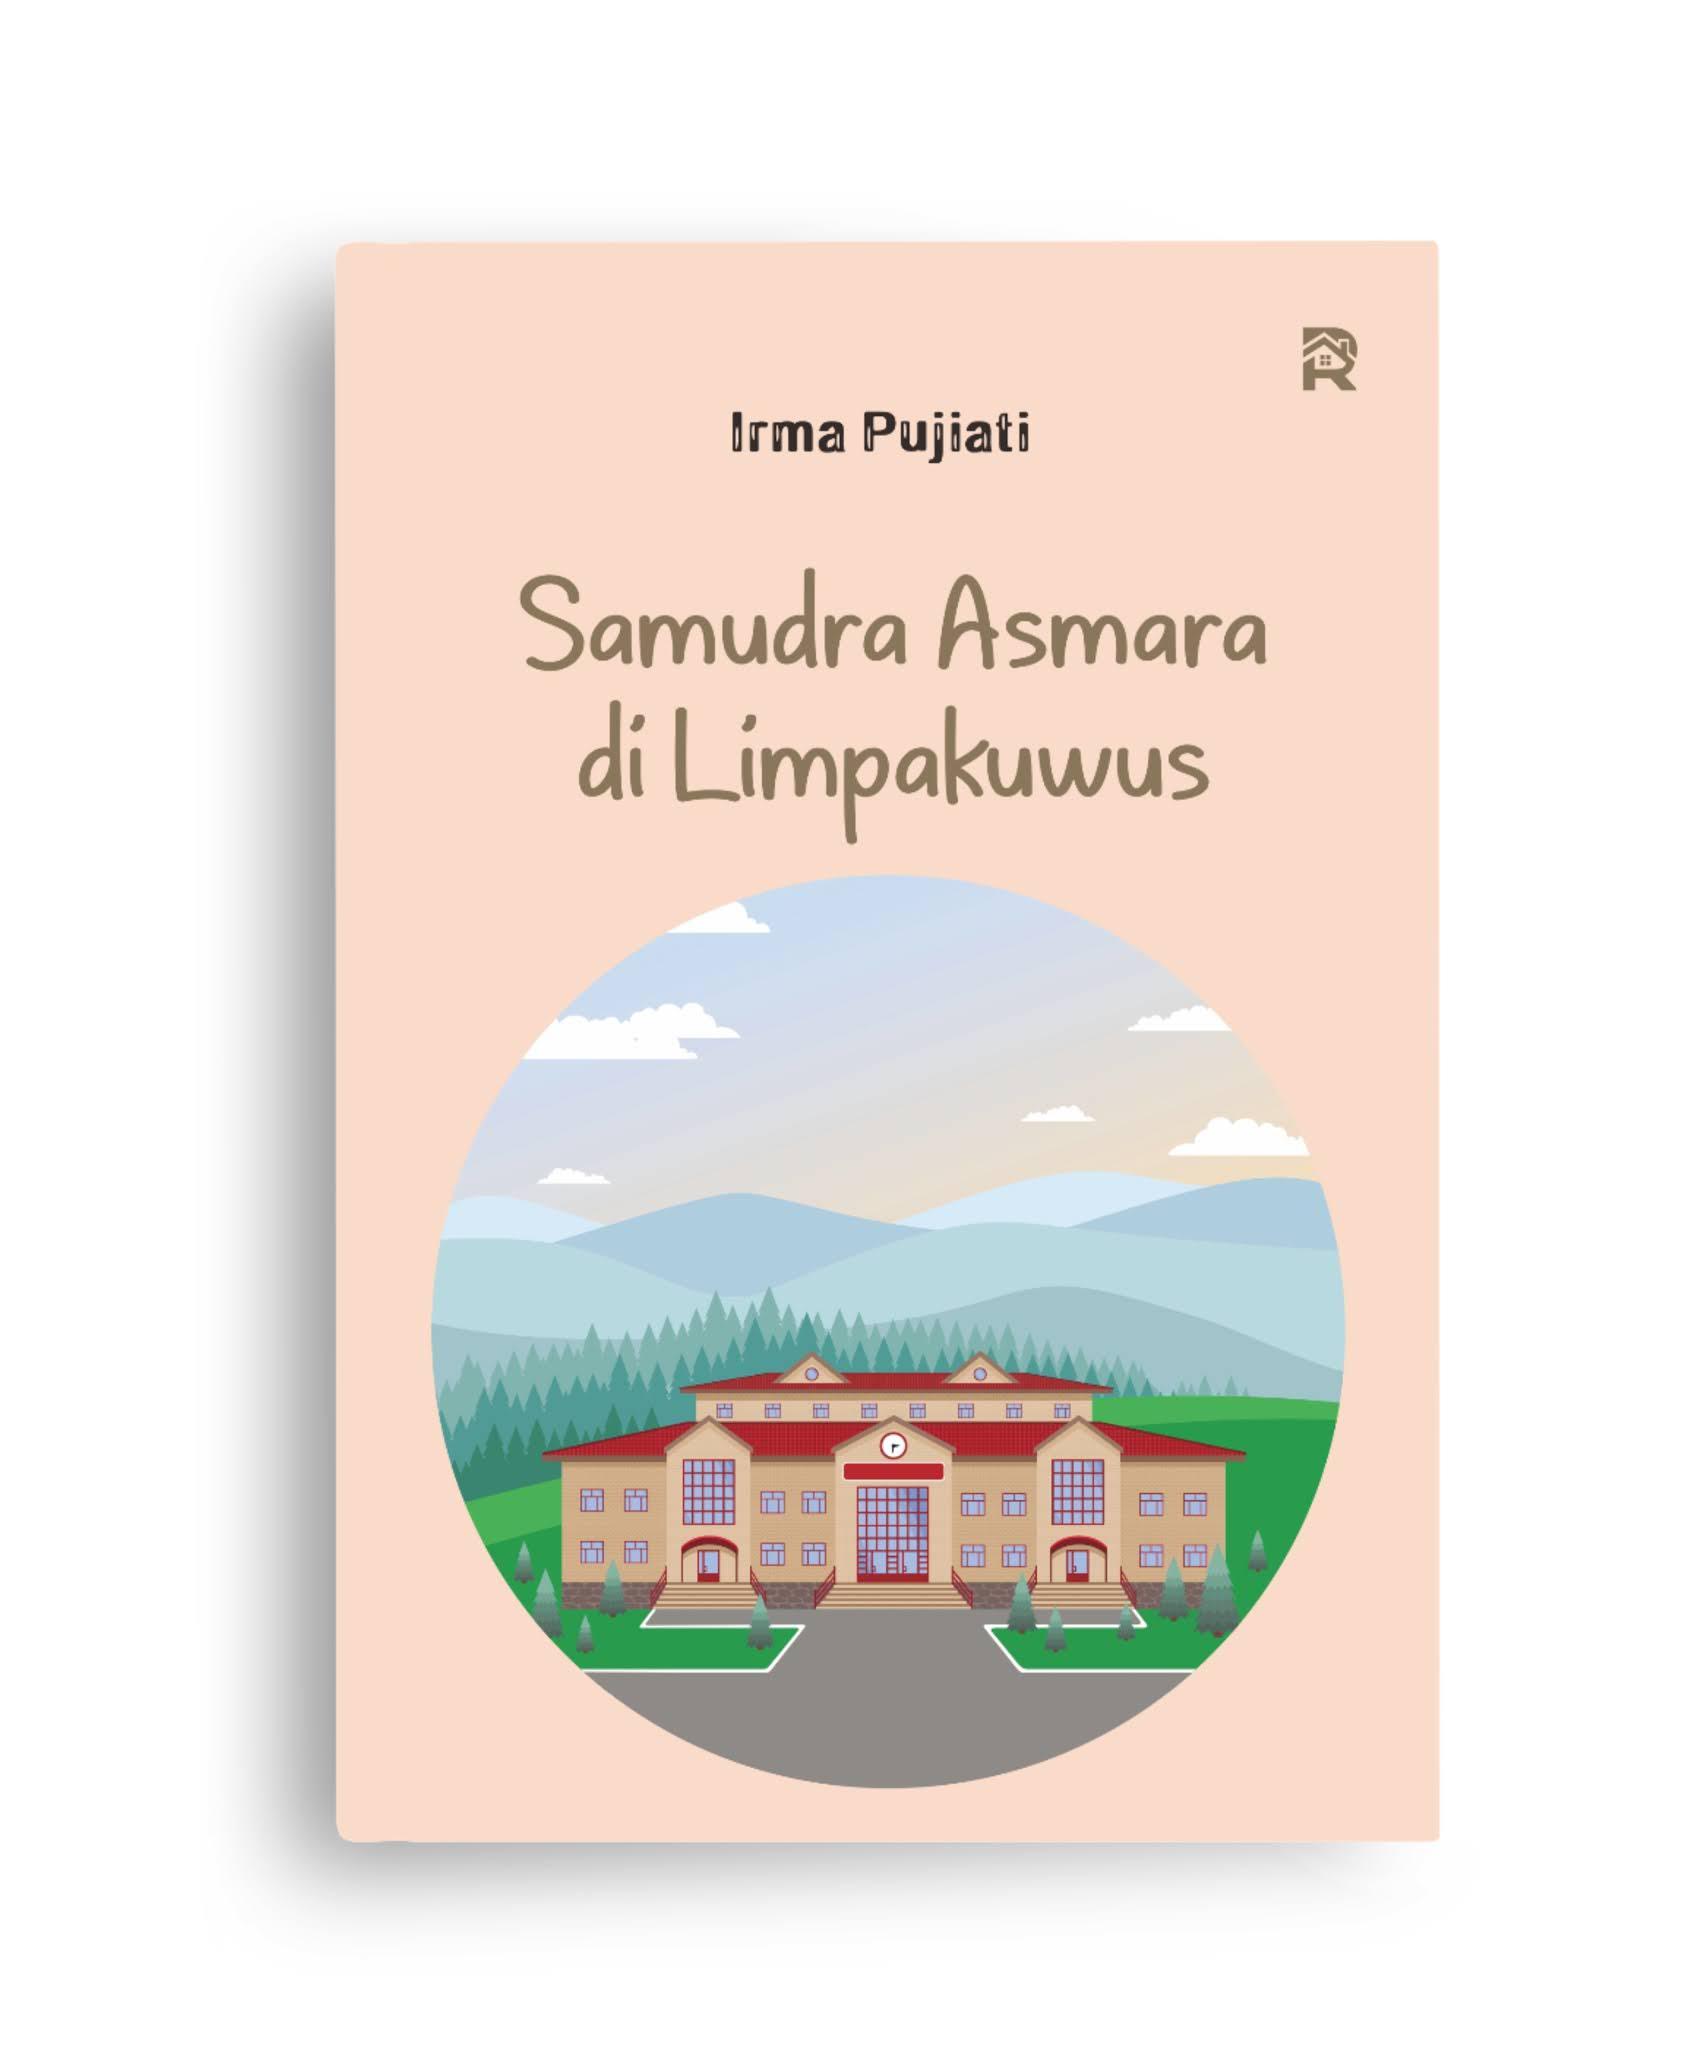 Samudra Asmara di Limpakuwus